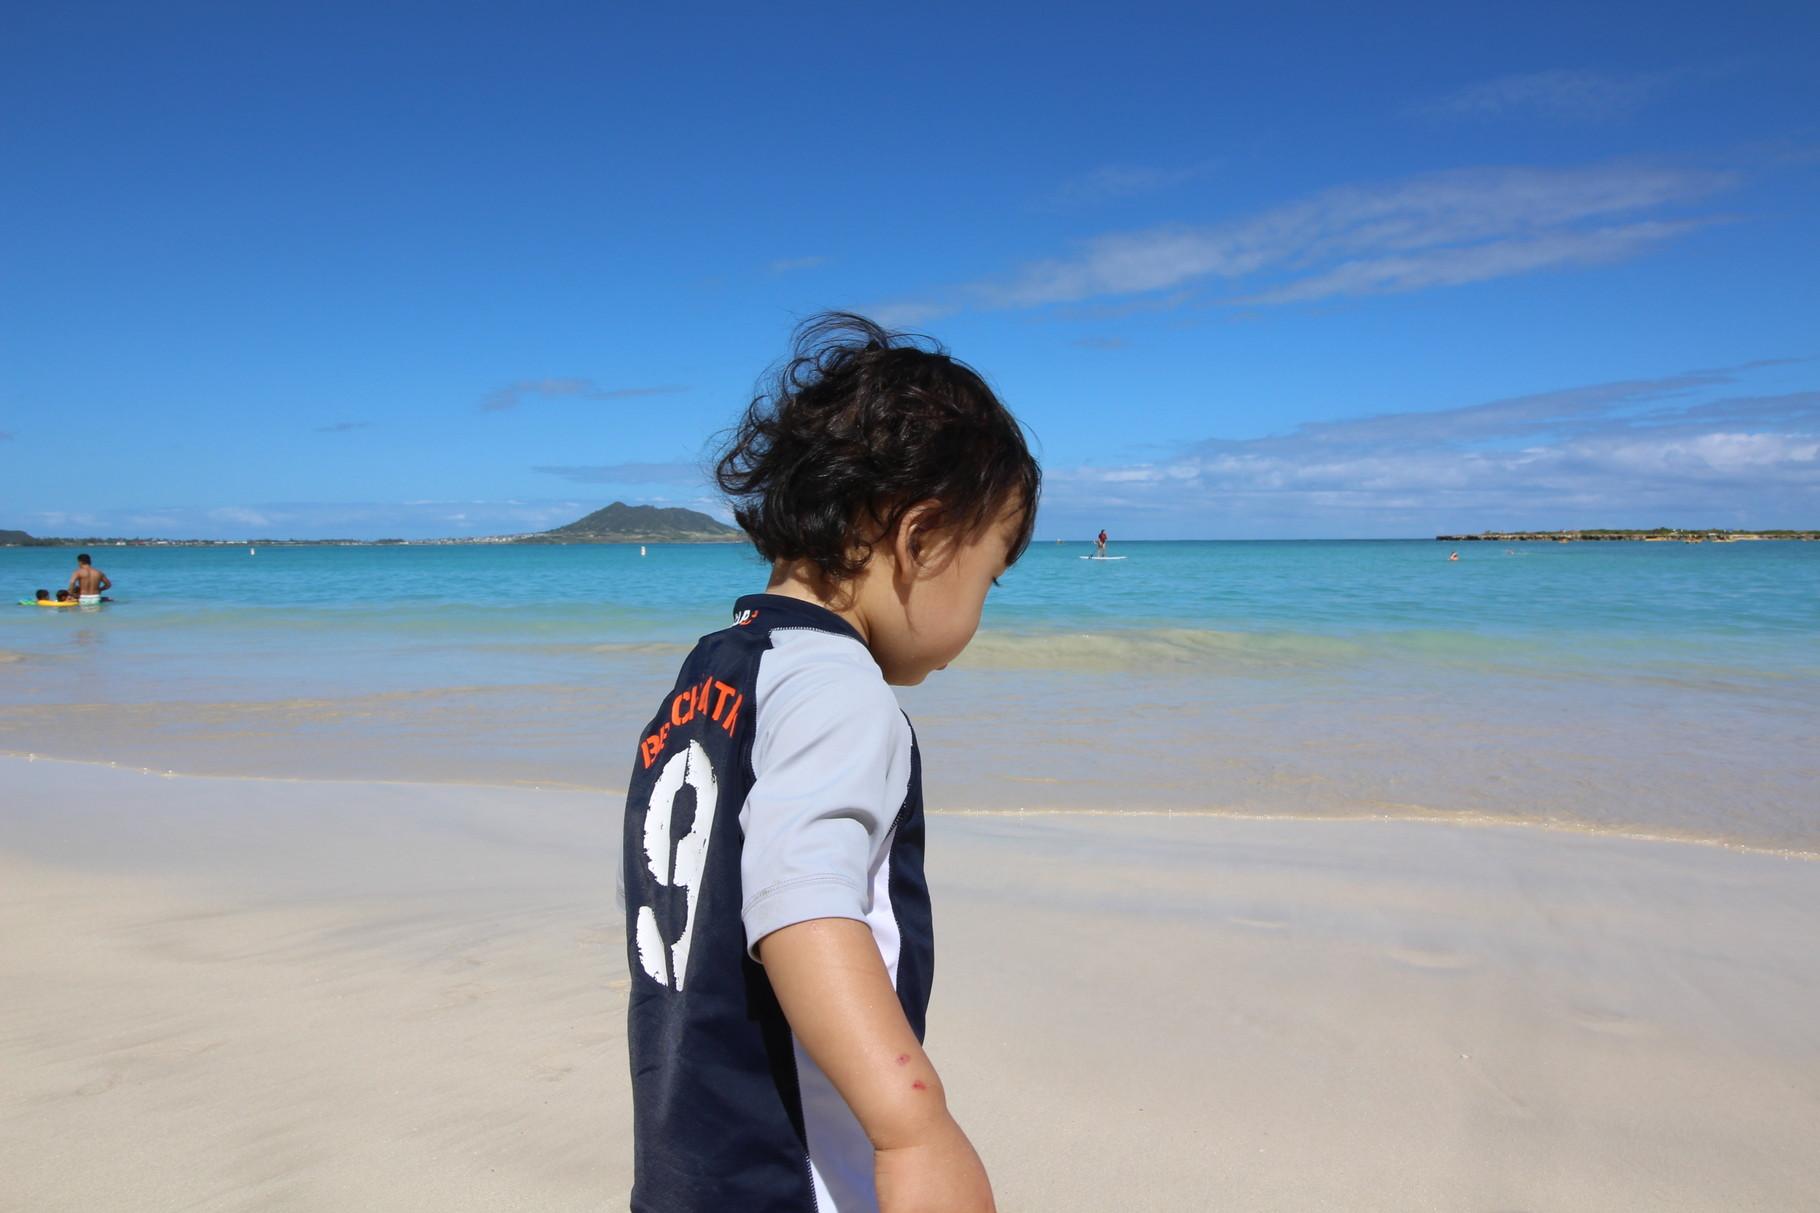 ハワイ ラニカイビーチはとても静か!